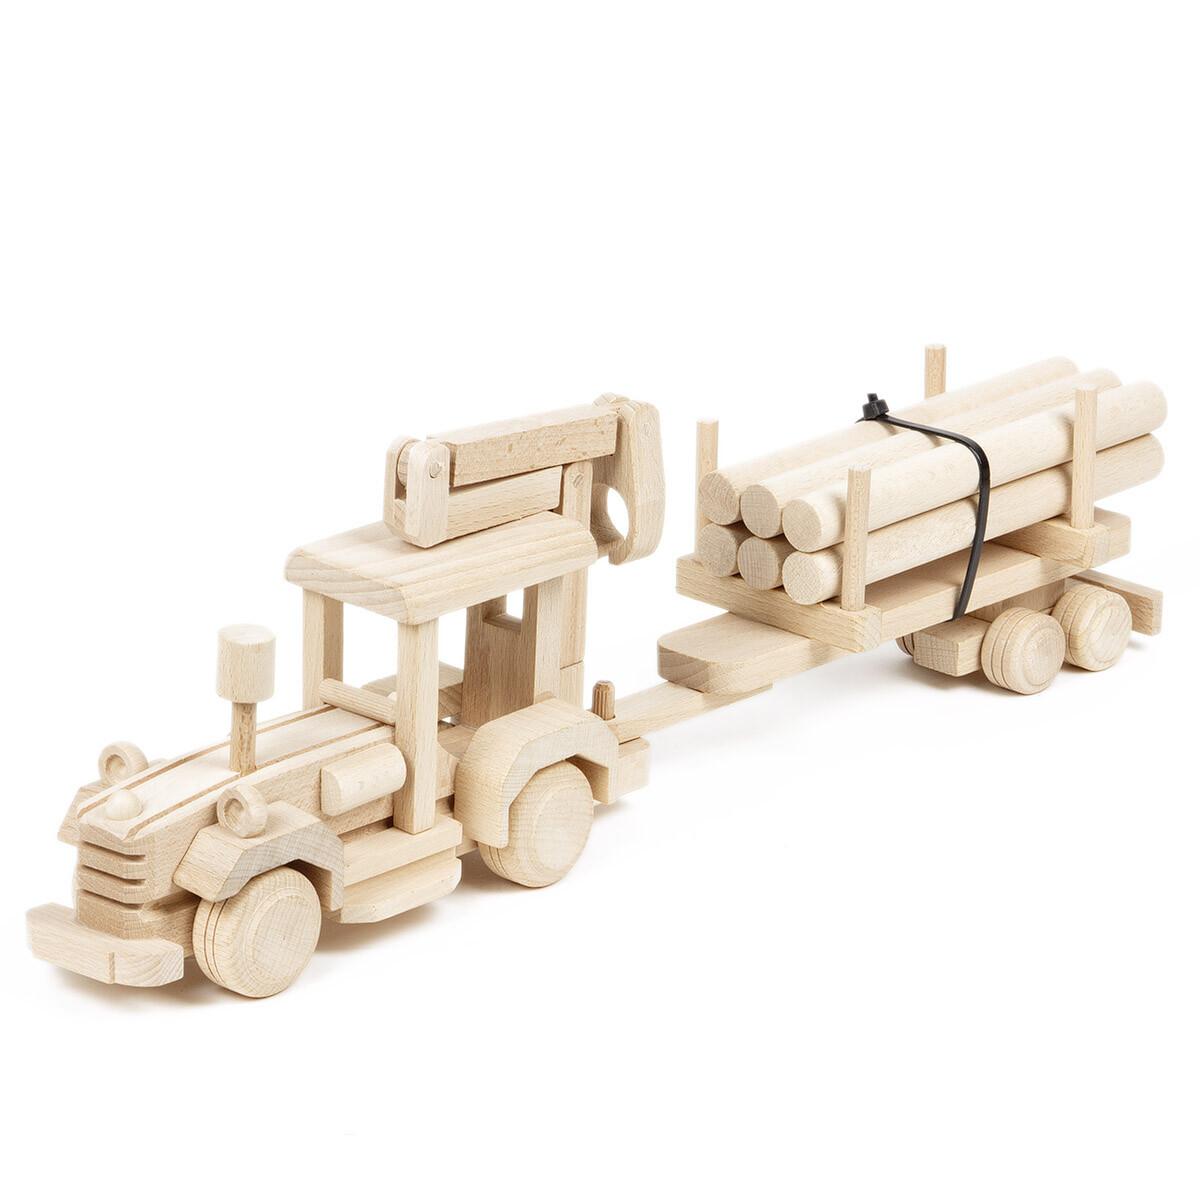 trecker kaufen gebrauchte alte traktoren trecker oldtimer kaufen trecker fahren jochen. Black Bedroom Furniture Sets. Home Design Ideas